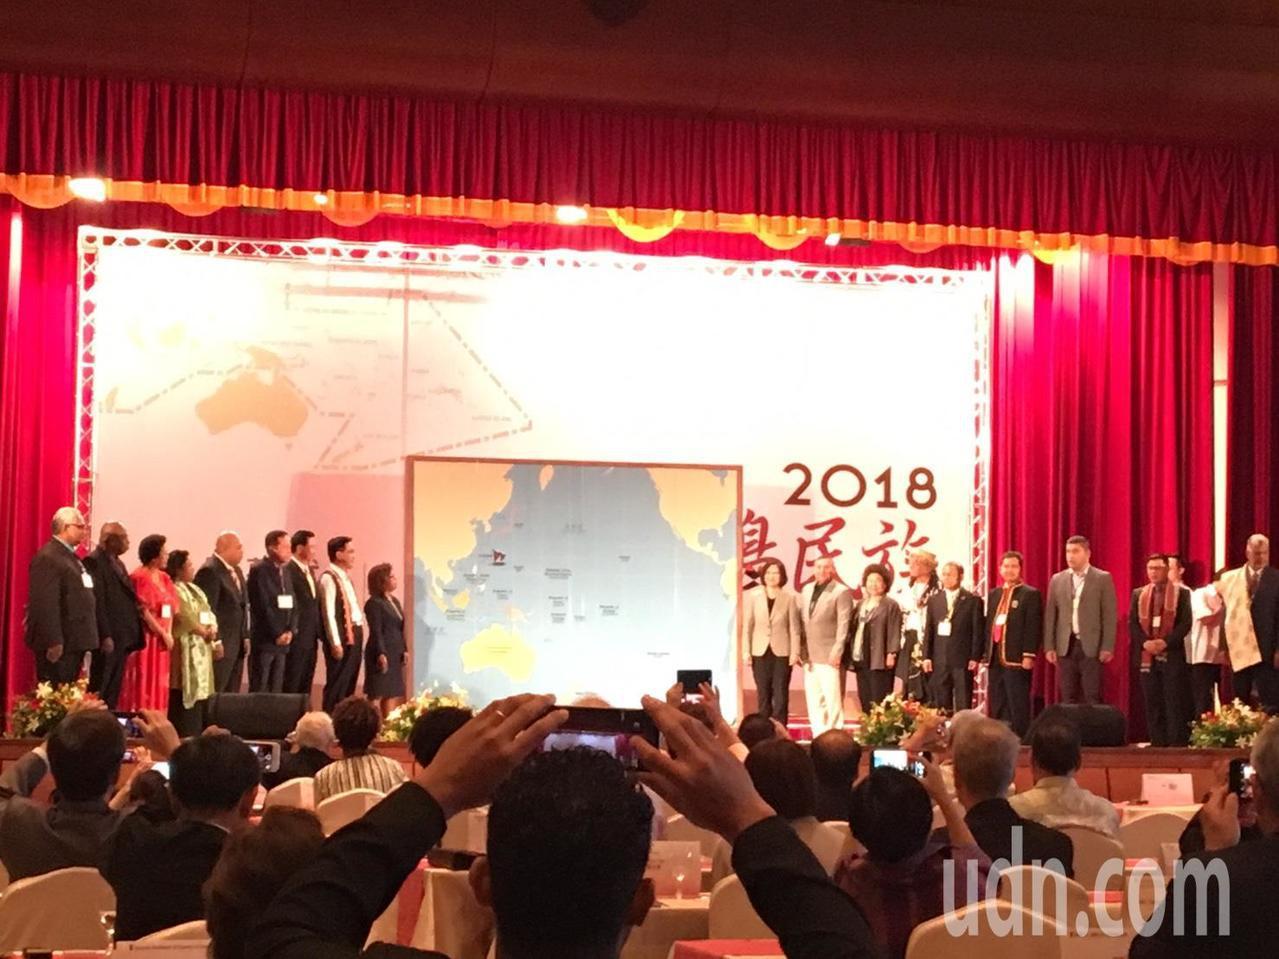 蔡英文總統出席「南島民族論壇」開幕式。記者周佑政/攝影